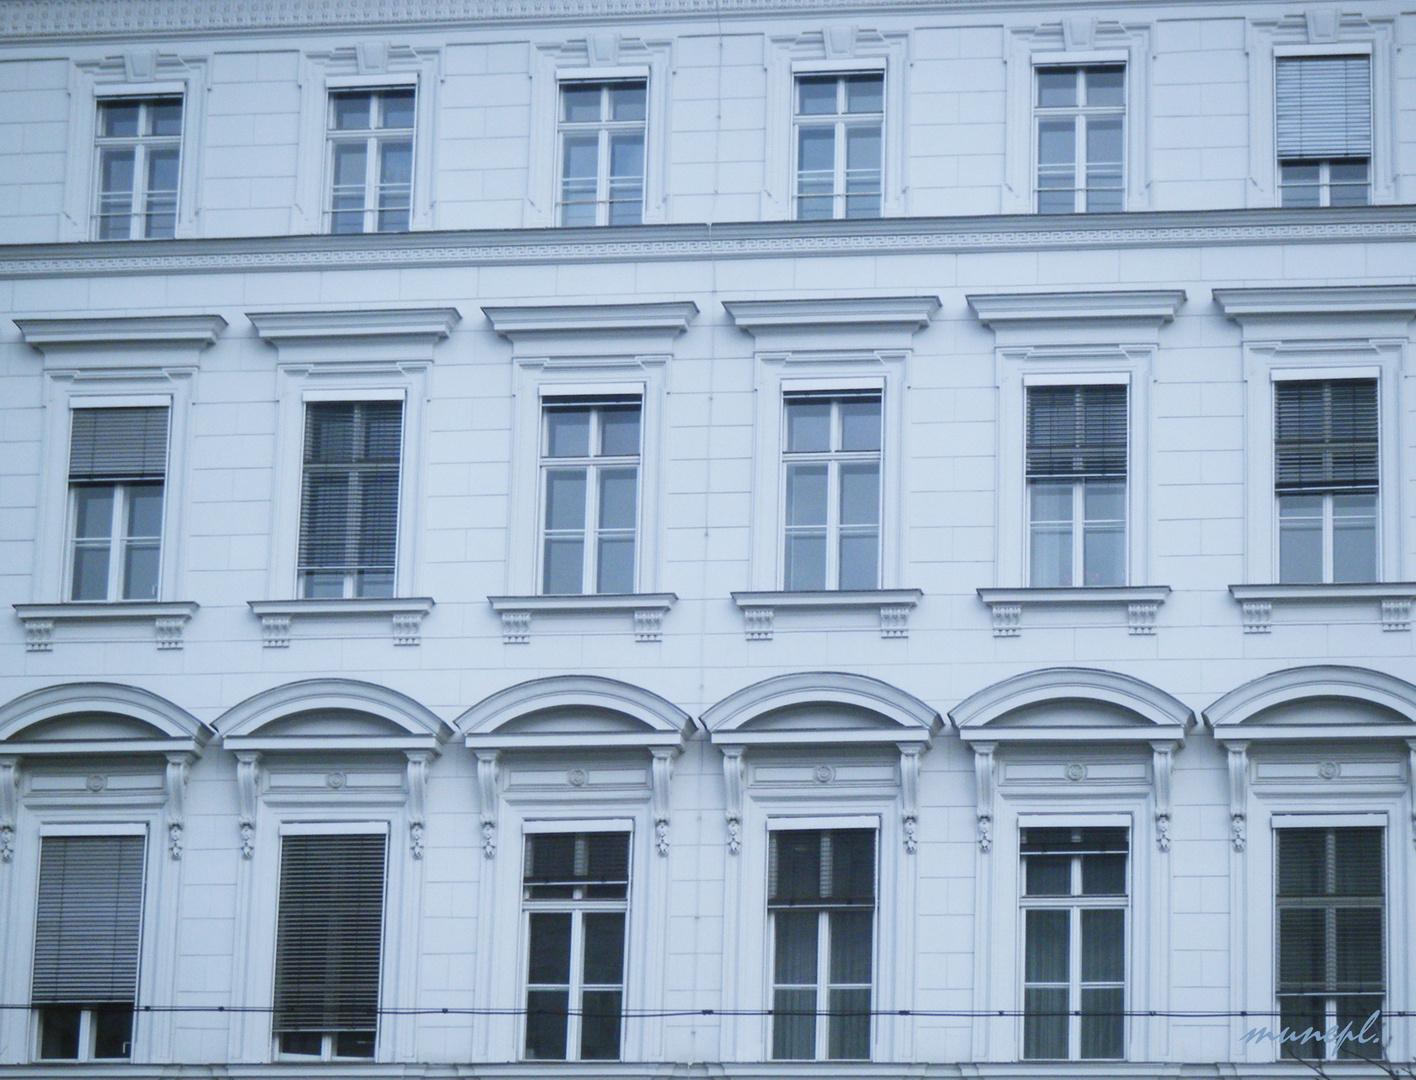 Haus in Wien.